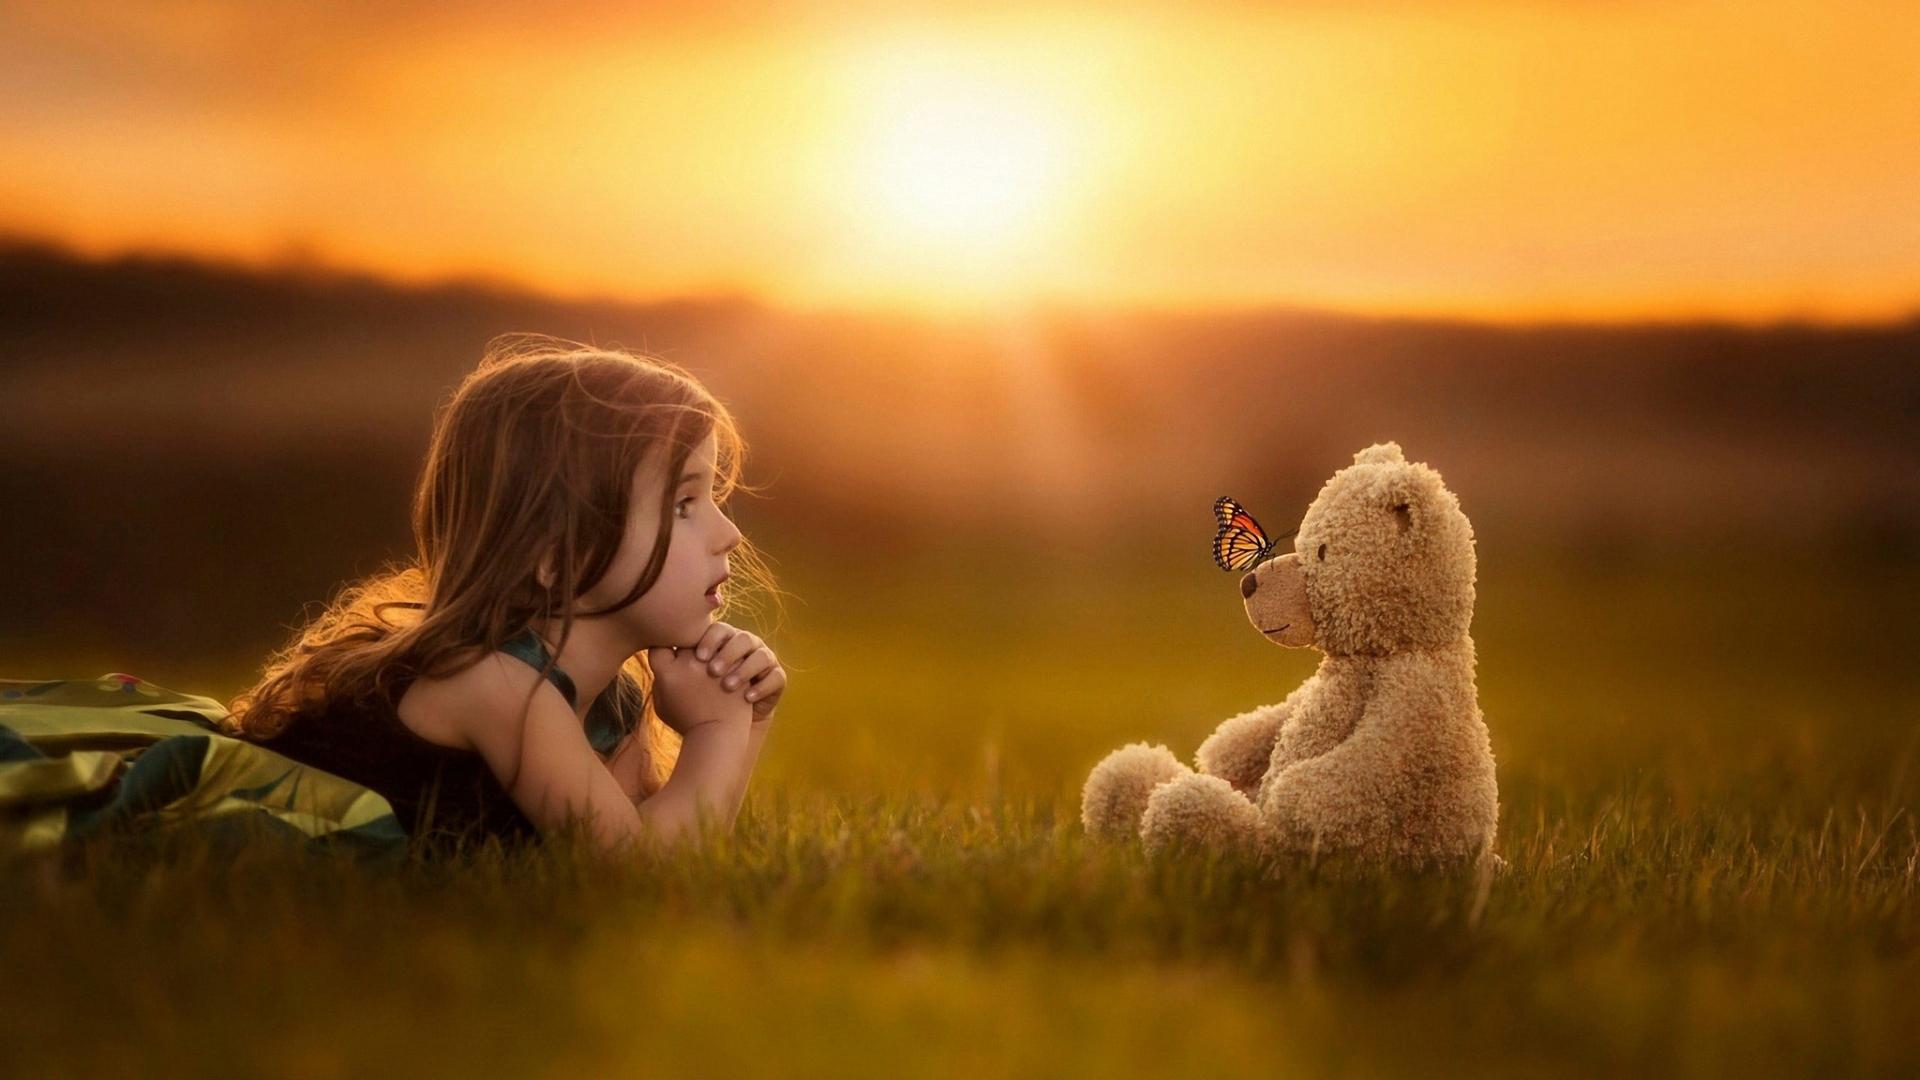 소녀와 곰1.jpg